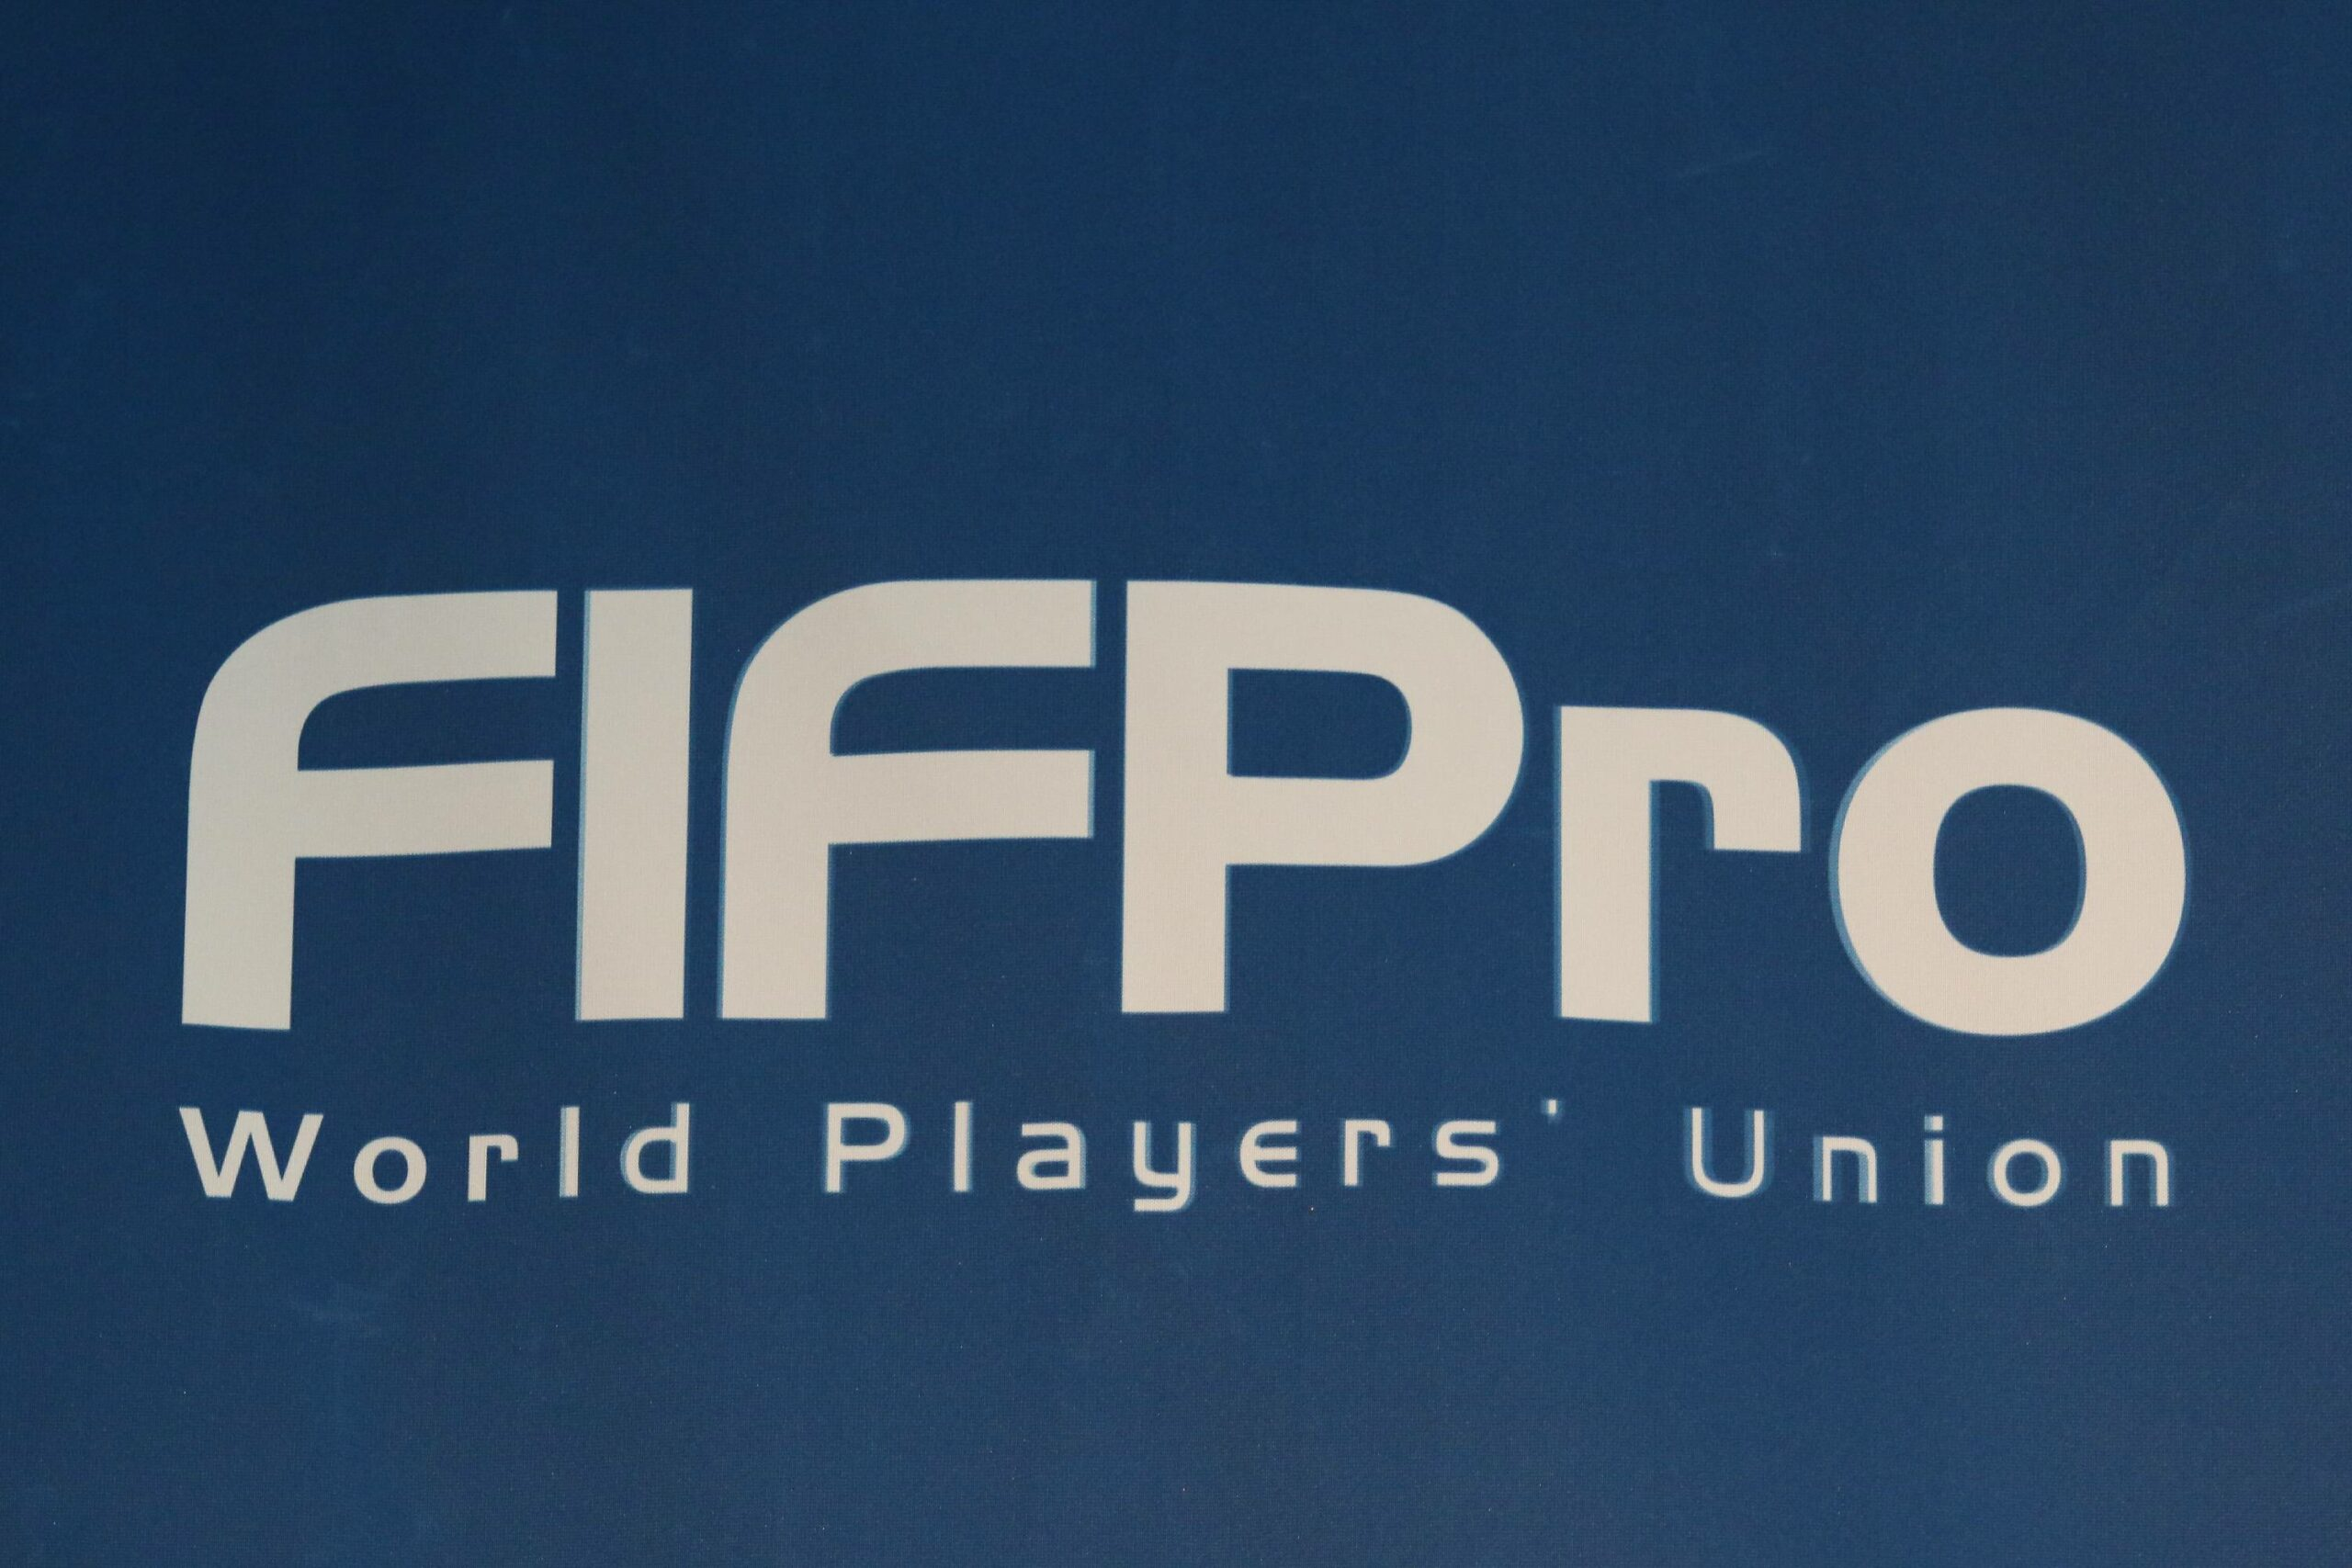 Fifpro Super League UEFA